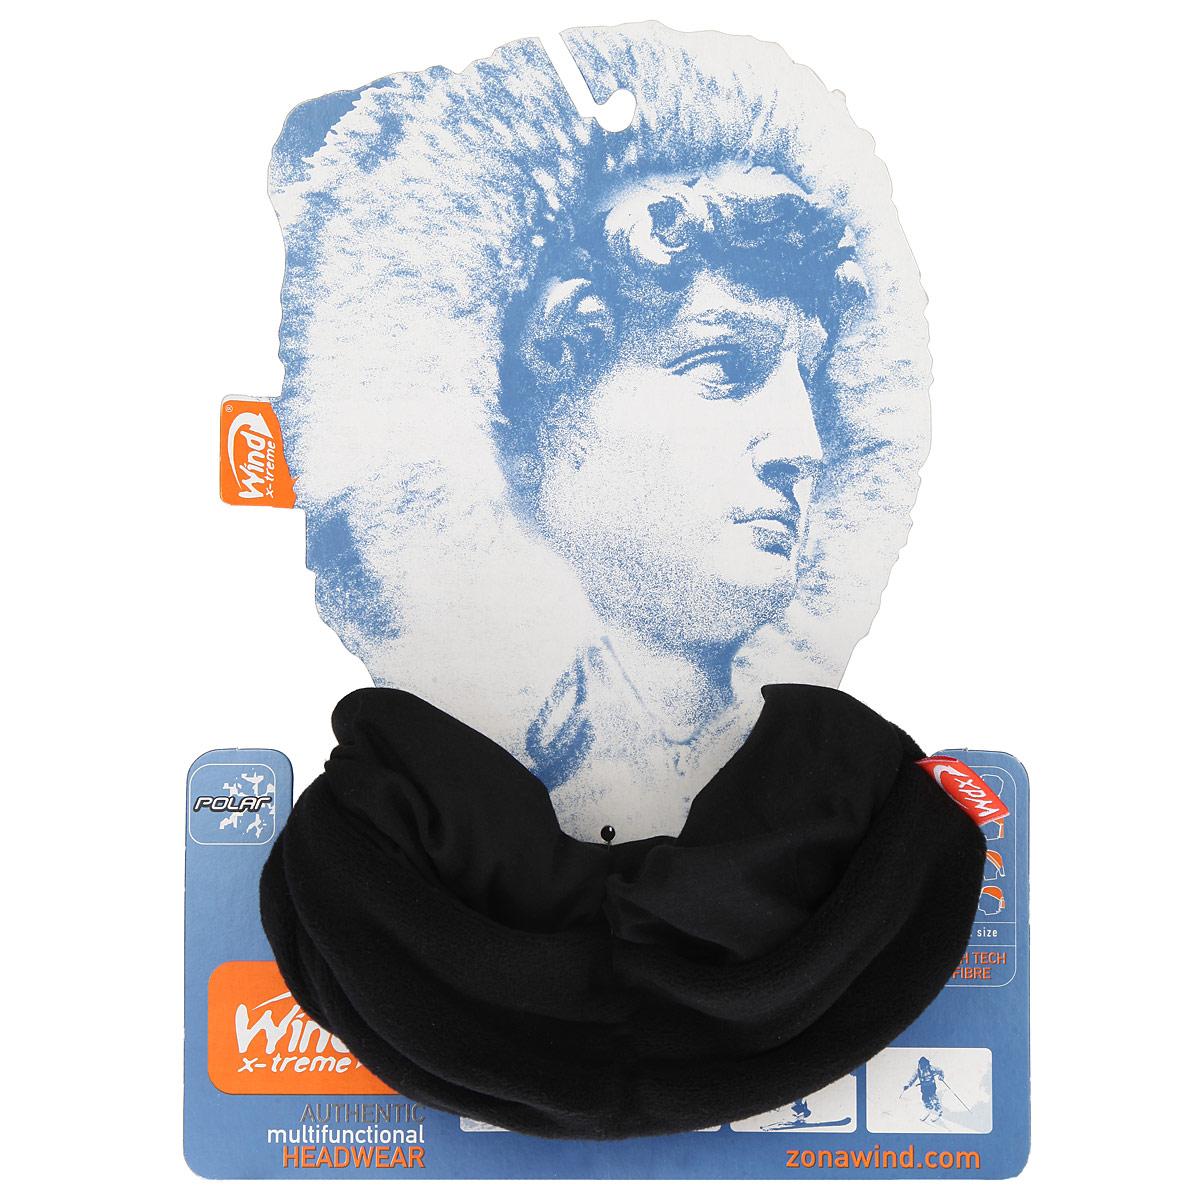 БанданаУТ-0000572116_UltraBlackМногофункциональный головной убор WindXtreme PolarWind - это очень современный предмет одежды, который защитит вас от самого лютого мороза благодаря комбинации ткани и флиса. Его можно использовать как: шарф, шейный платок, бандану, повязку, ленту для волос, балаклаву и шапку. Подходит для занятий бегом, походов, скалолазания, езды на велосипеде, сноуборда, катания на лыжах, мотоциклах, игры в хоккей, а так же для повседневного использования. Сочетание ткани и флиса Pilhot из микроволокна гарантируют дополнительные тепло и комфорт, отведение влаги, быстрое высыхание, очень эластичны, принимают практически любую форму. Обладает антибактериальным эффектом. Уважаемые клиенты! Размер, доступный для заказа, является обхватом головы.